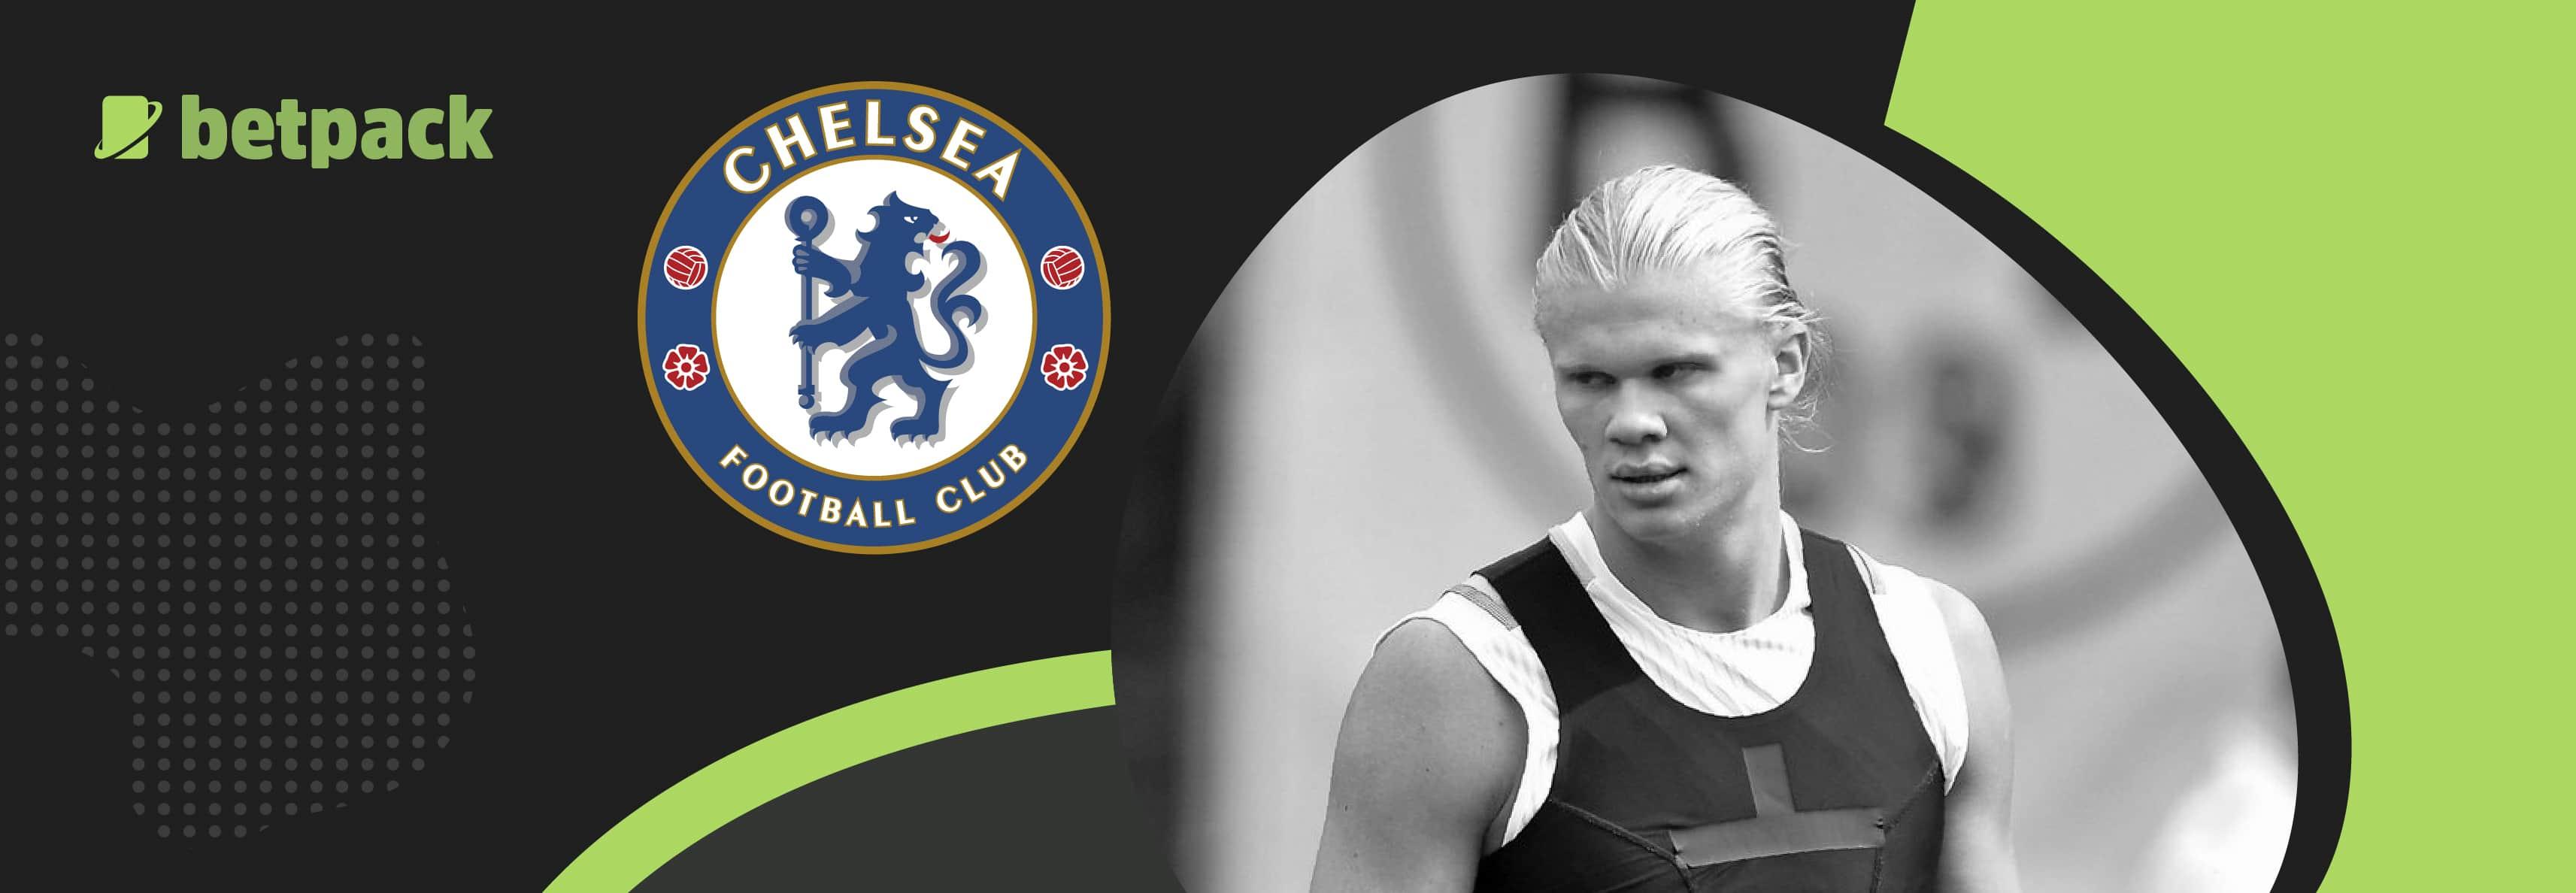 Chelsea Eyeing Erling Haaland and Romelu Lukaku